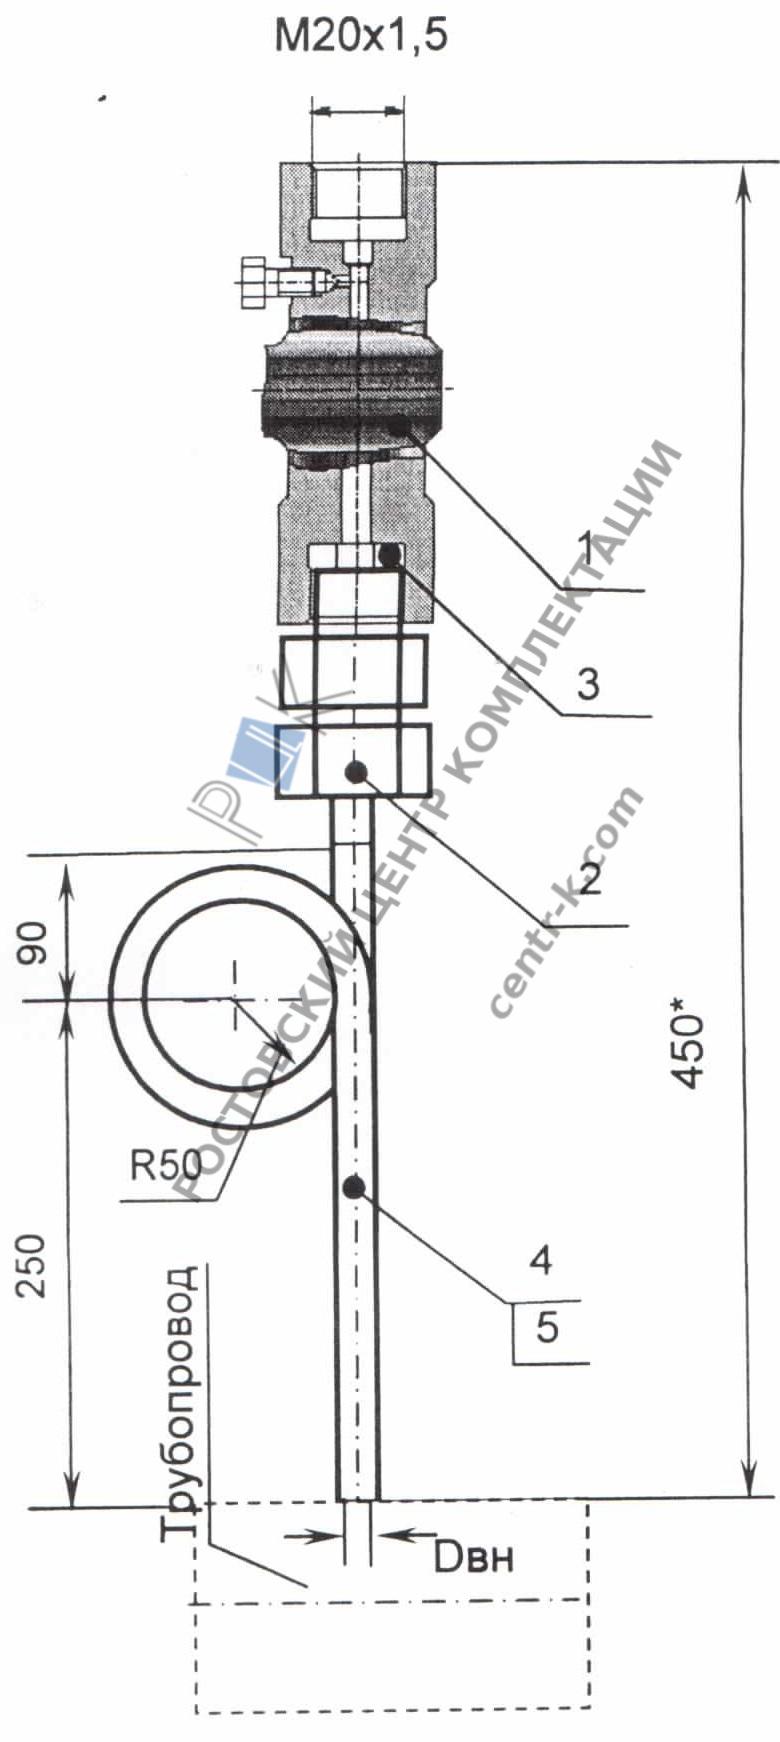 ЗК14-2-1-2009 (МК1,6-130П) 11б38бк ст.20